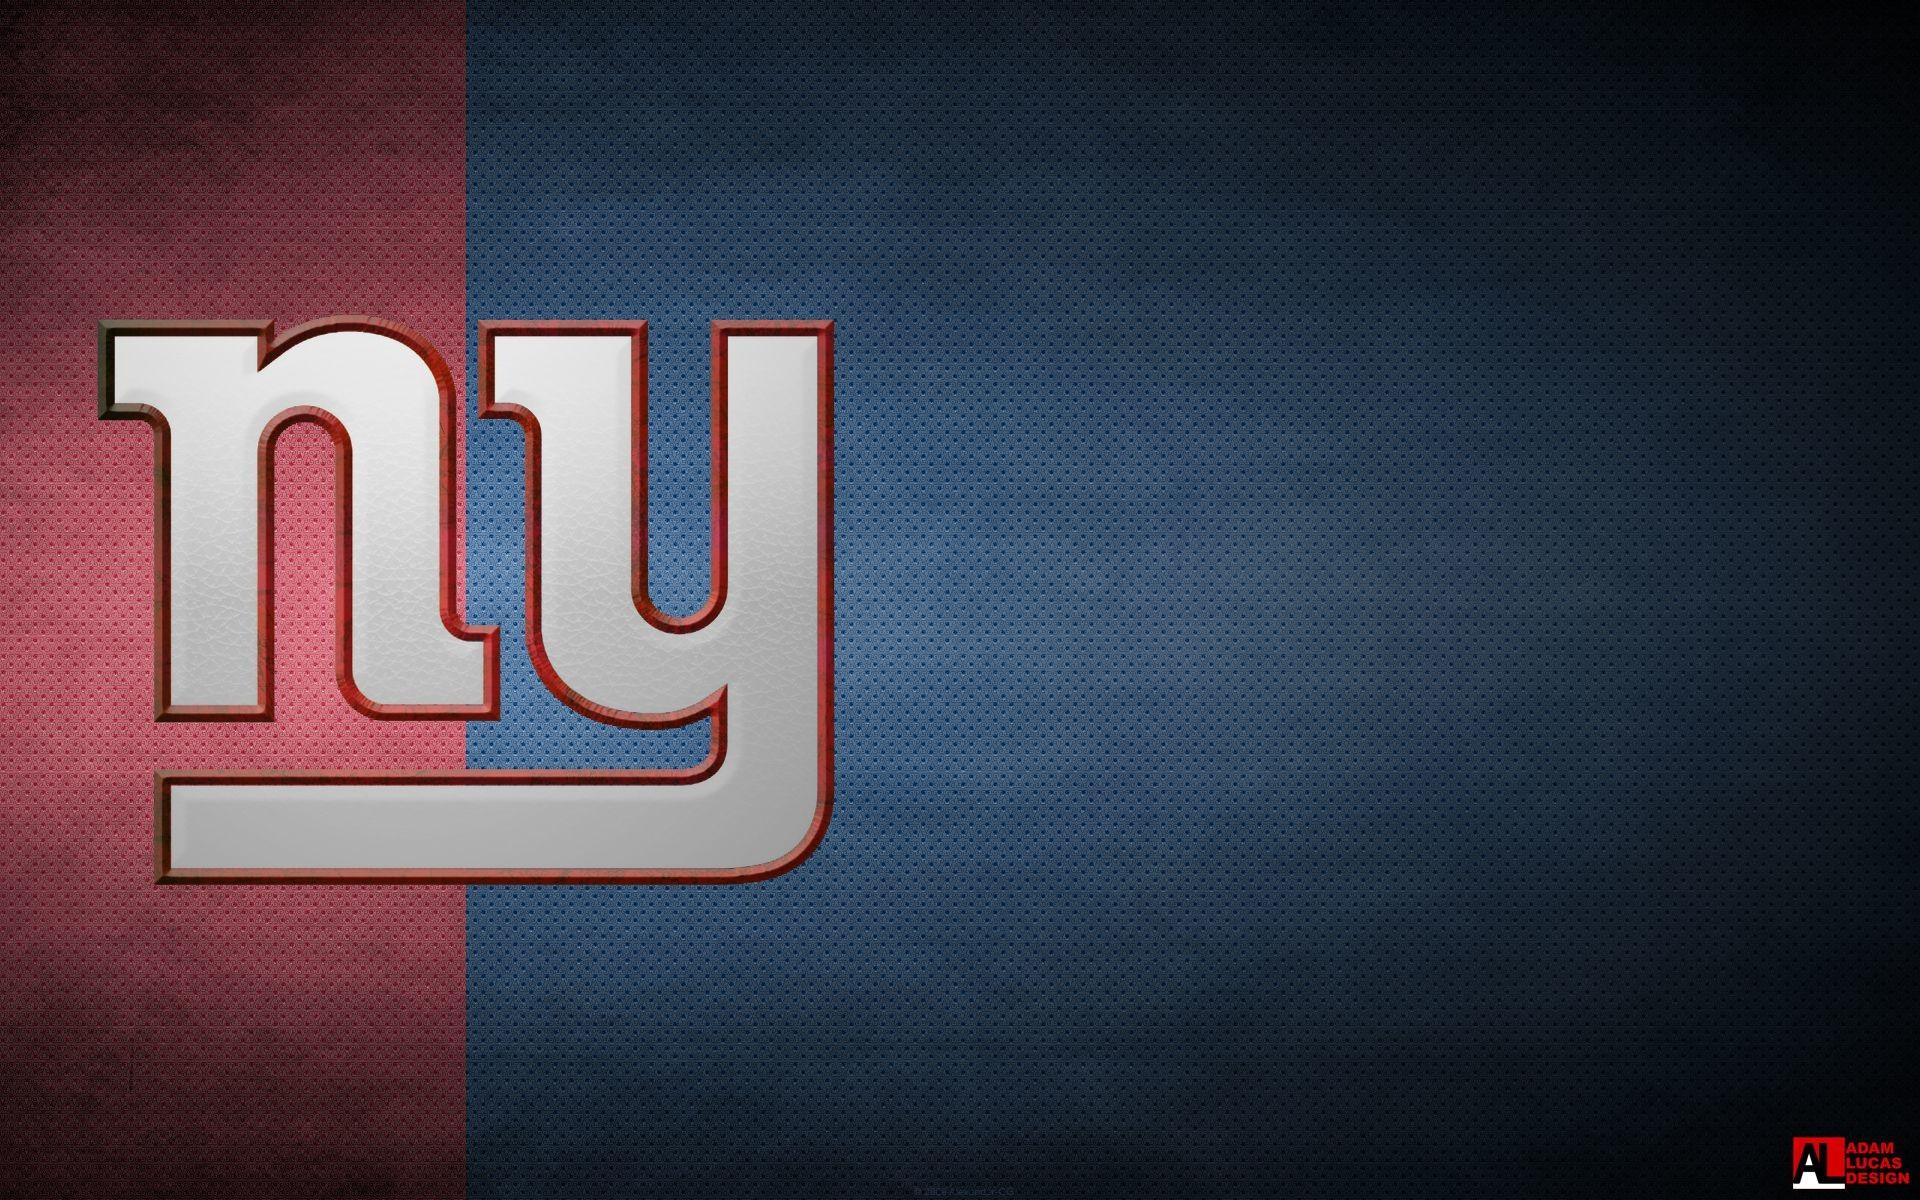 New York Giants Backgrounds